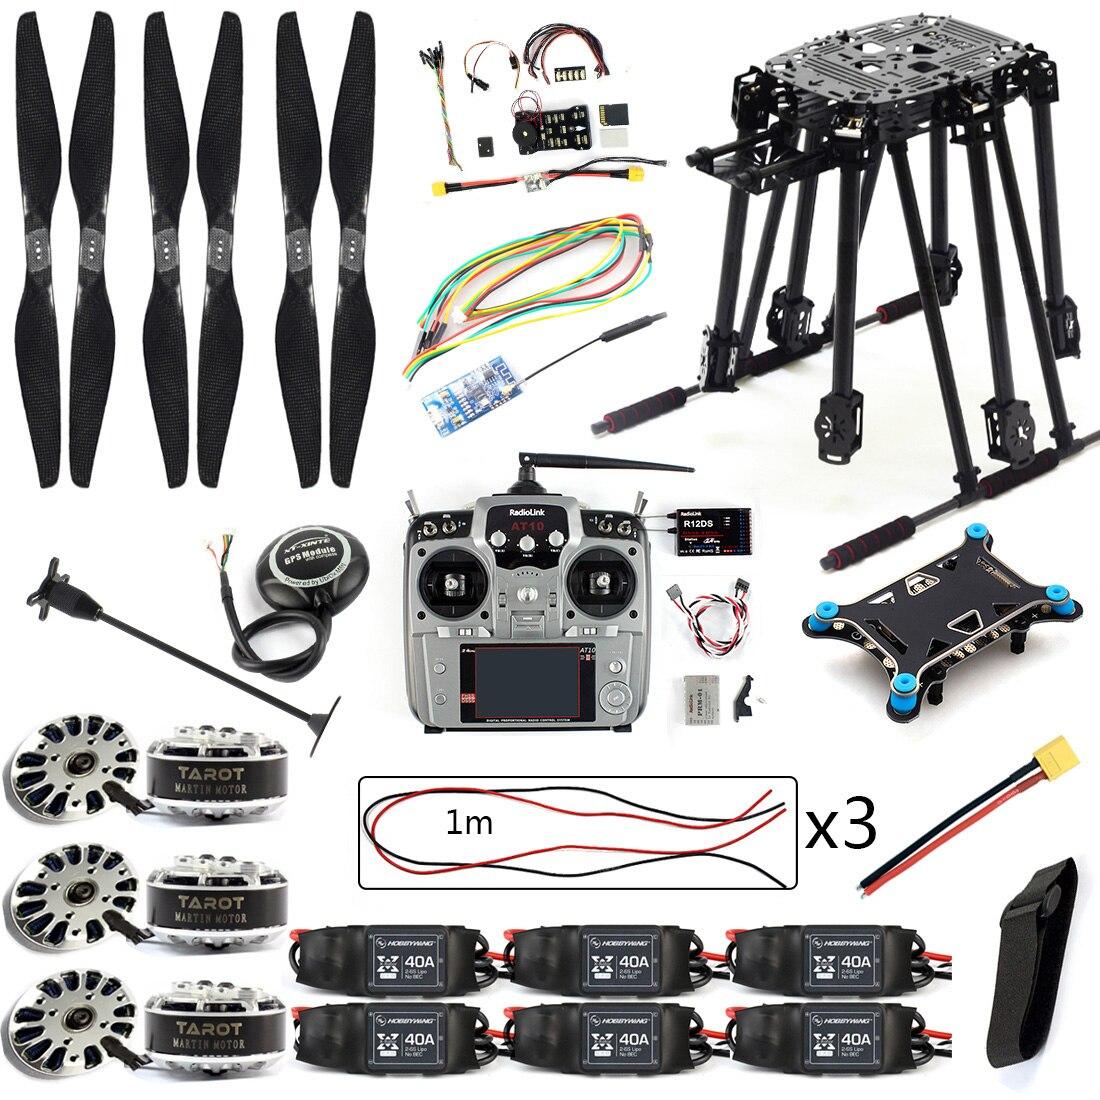 Kit de bricolage PIX4 commande de vol ZD850 Kit de cadre M8N GPS télécommande Radio télémétrie ESC moteur accessoires RC 6 essieux Drone F19833-D